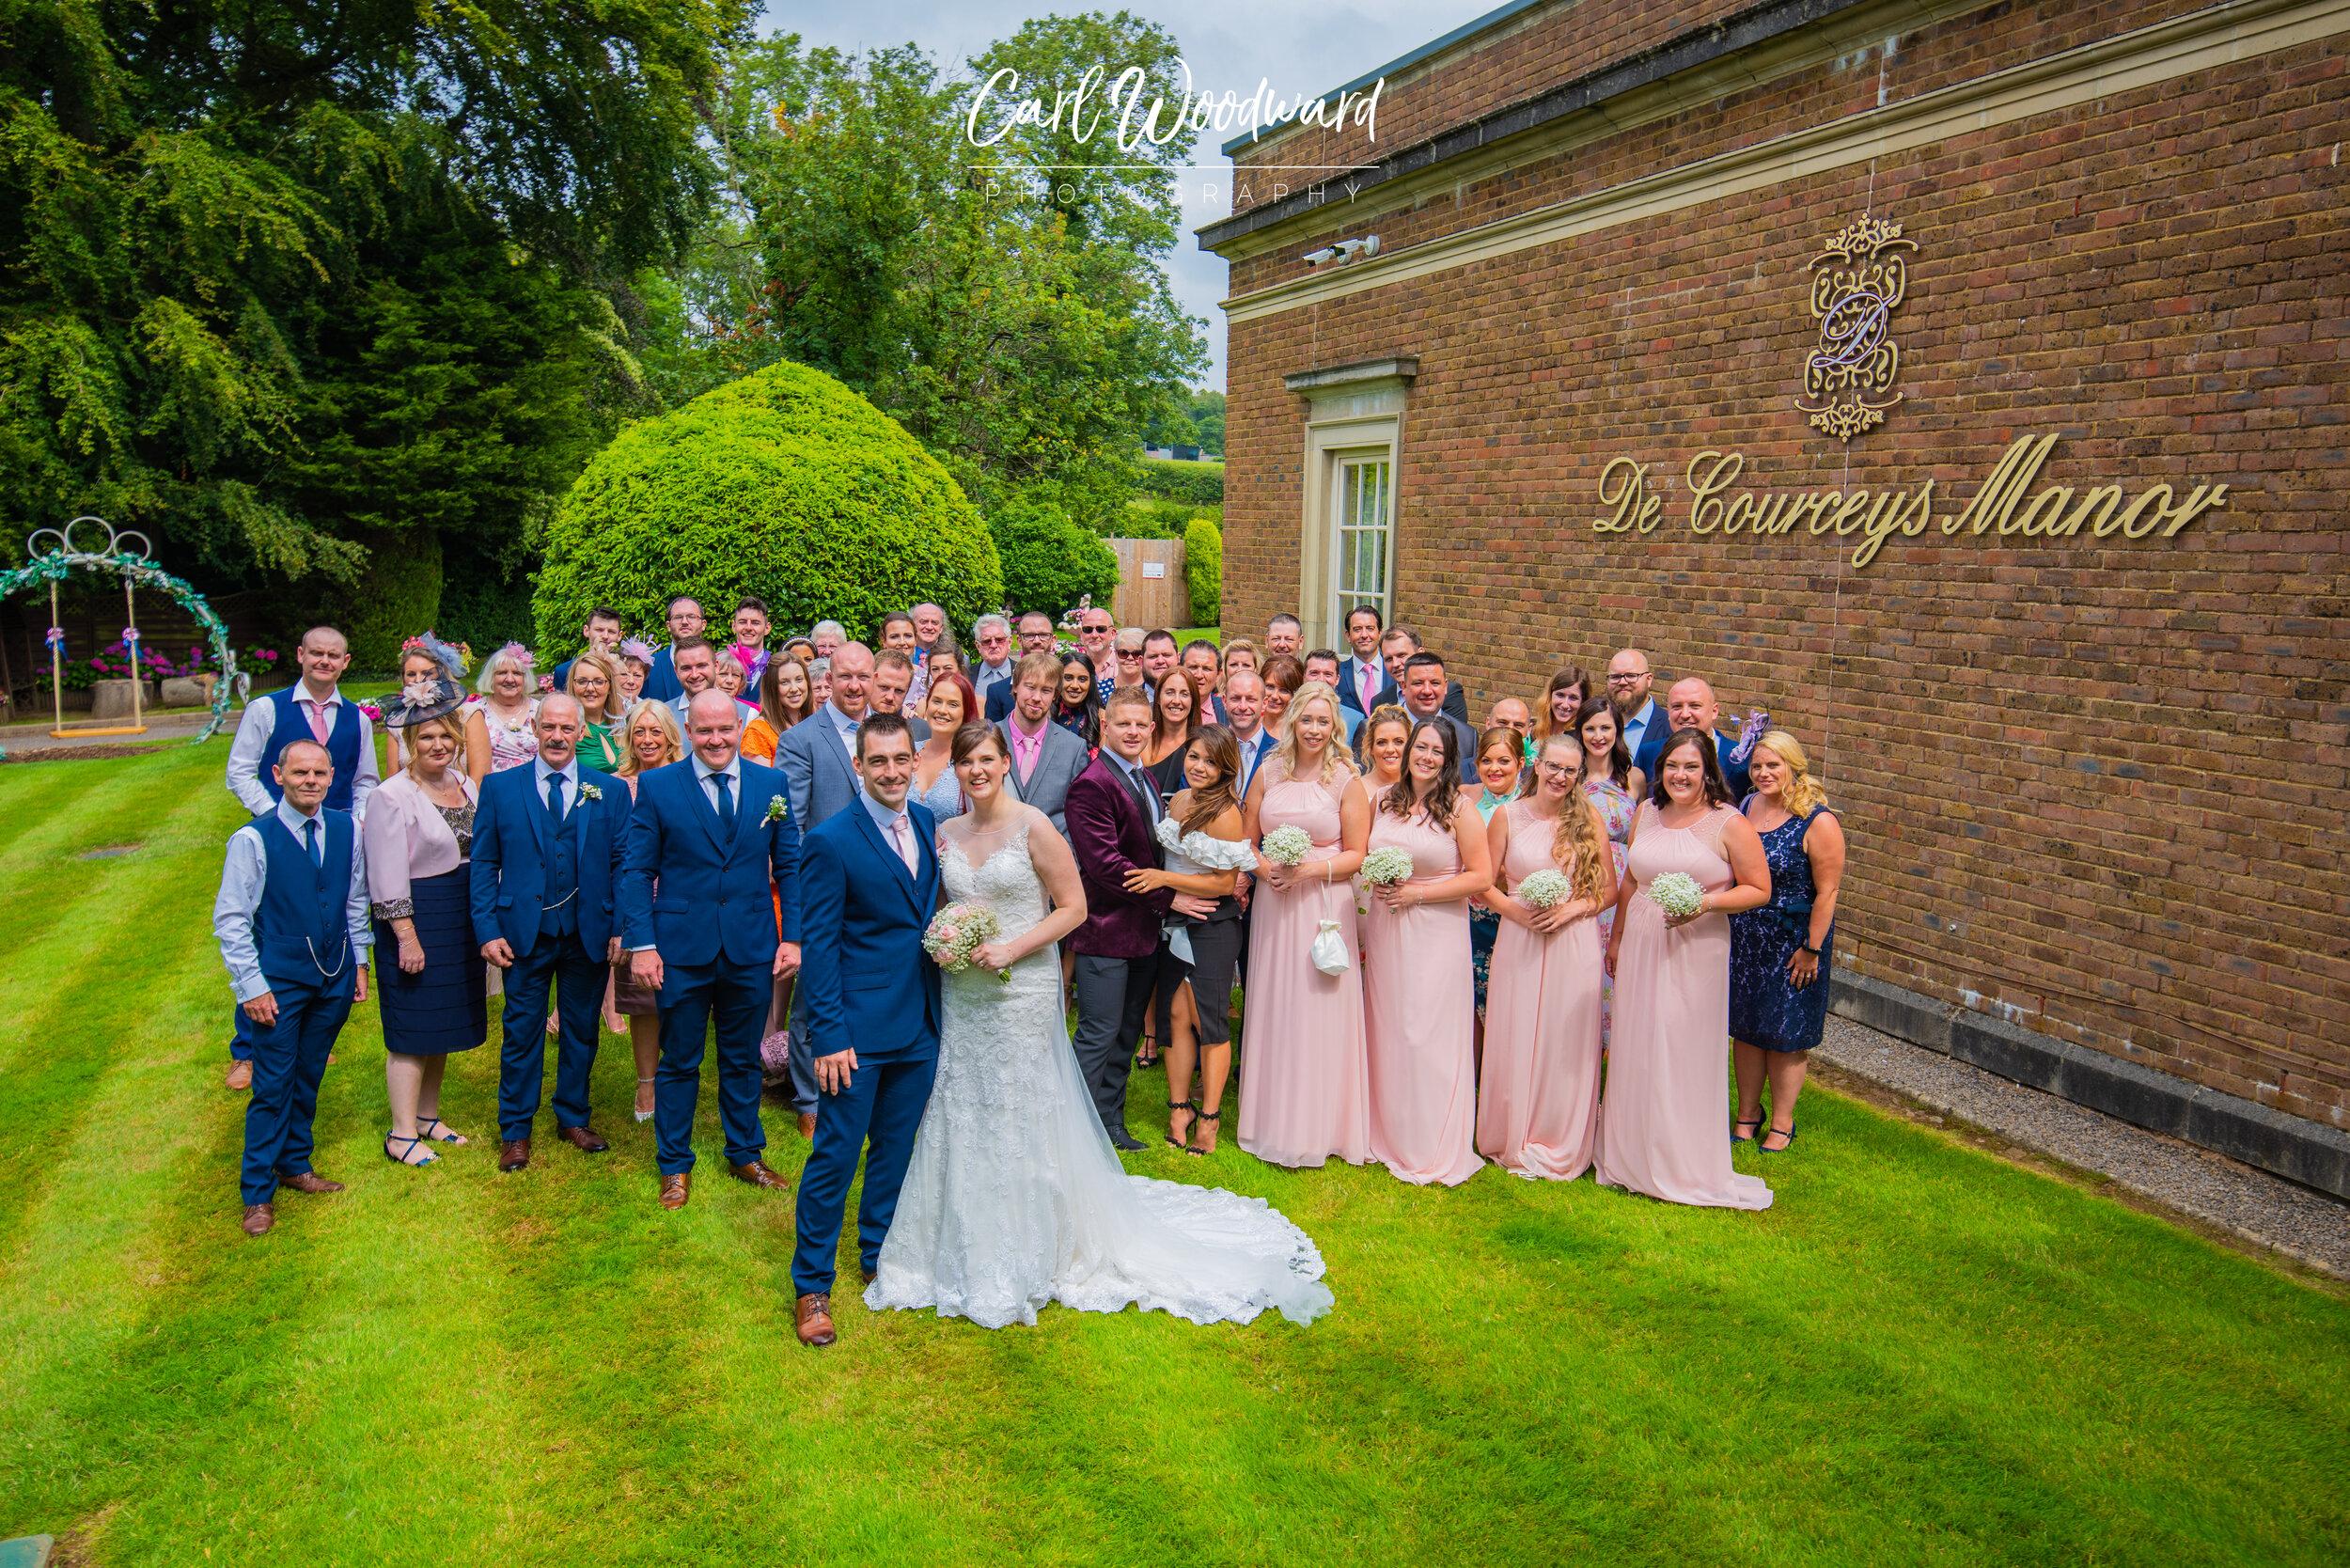 016-De-Courcesys-Manor-Weddings.jpg